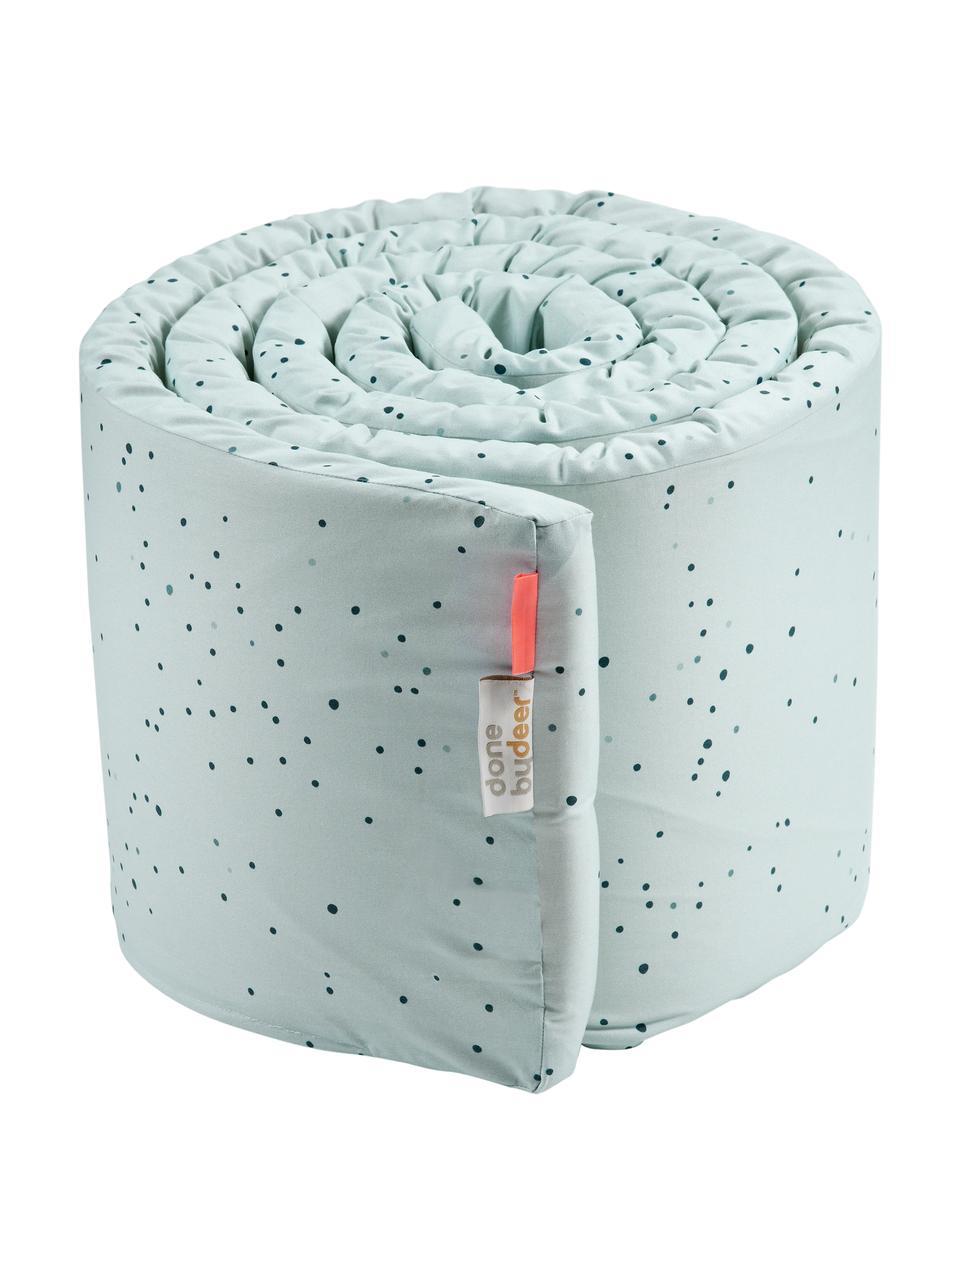 Ochraniacz do łóżeczka Dreamy Dots, Tapicerka: 100% bawełna, certyfikat , Niebieski, S 30 x D 350 cm